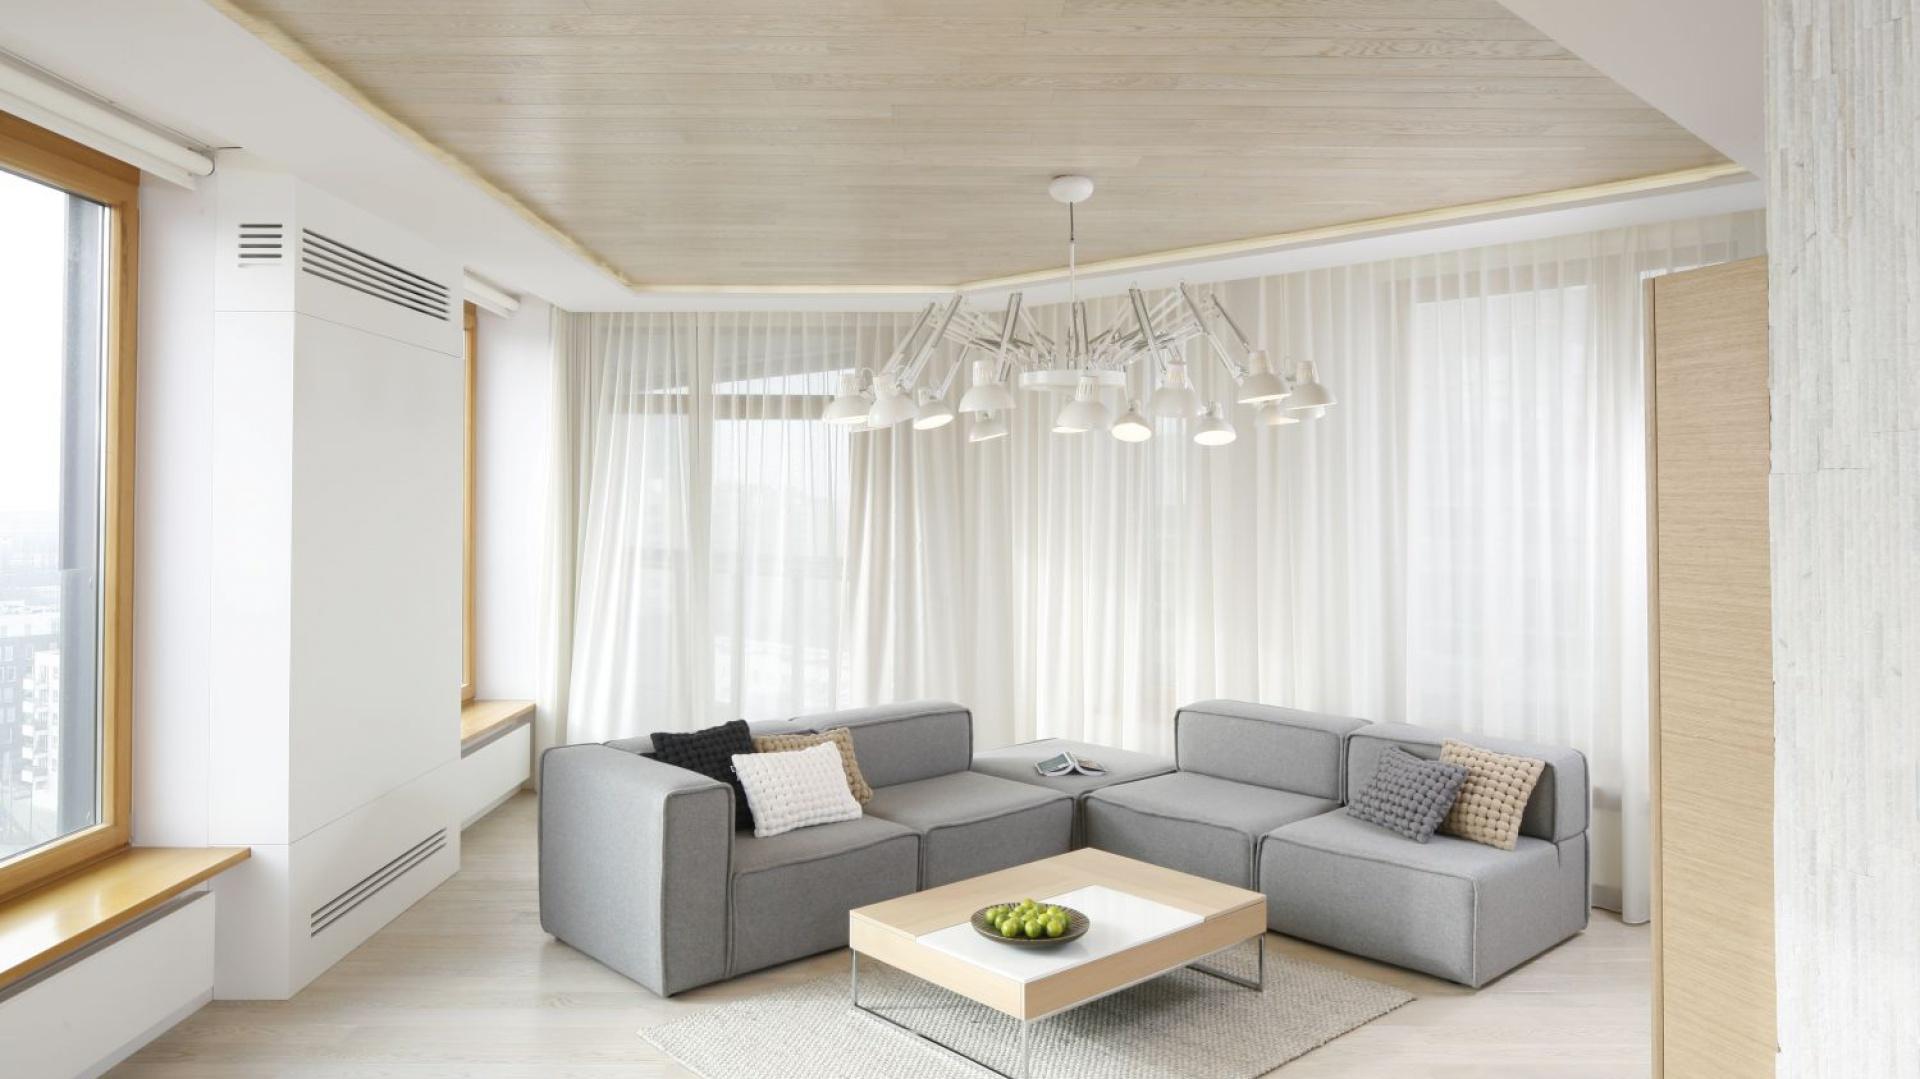 Przestronny salon urządzono w stylu skandynawskim. Stąd jasna paleta barw oraz drewno w chłodnym wybarwieniu. Projekt: Maciej Brzostek. Fot. Bartosz Jarosz.